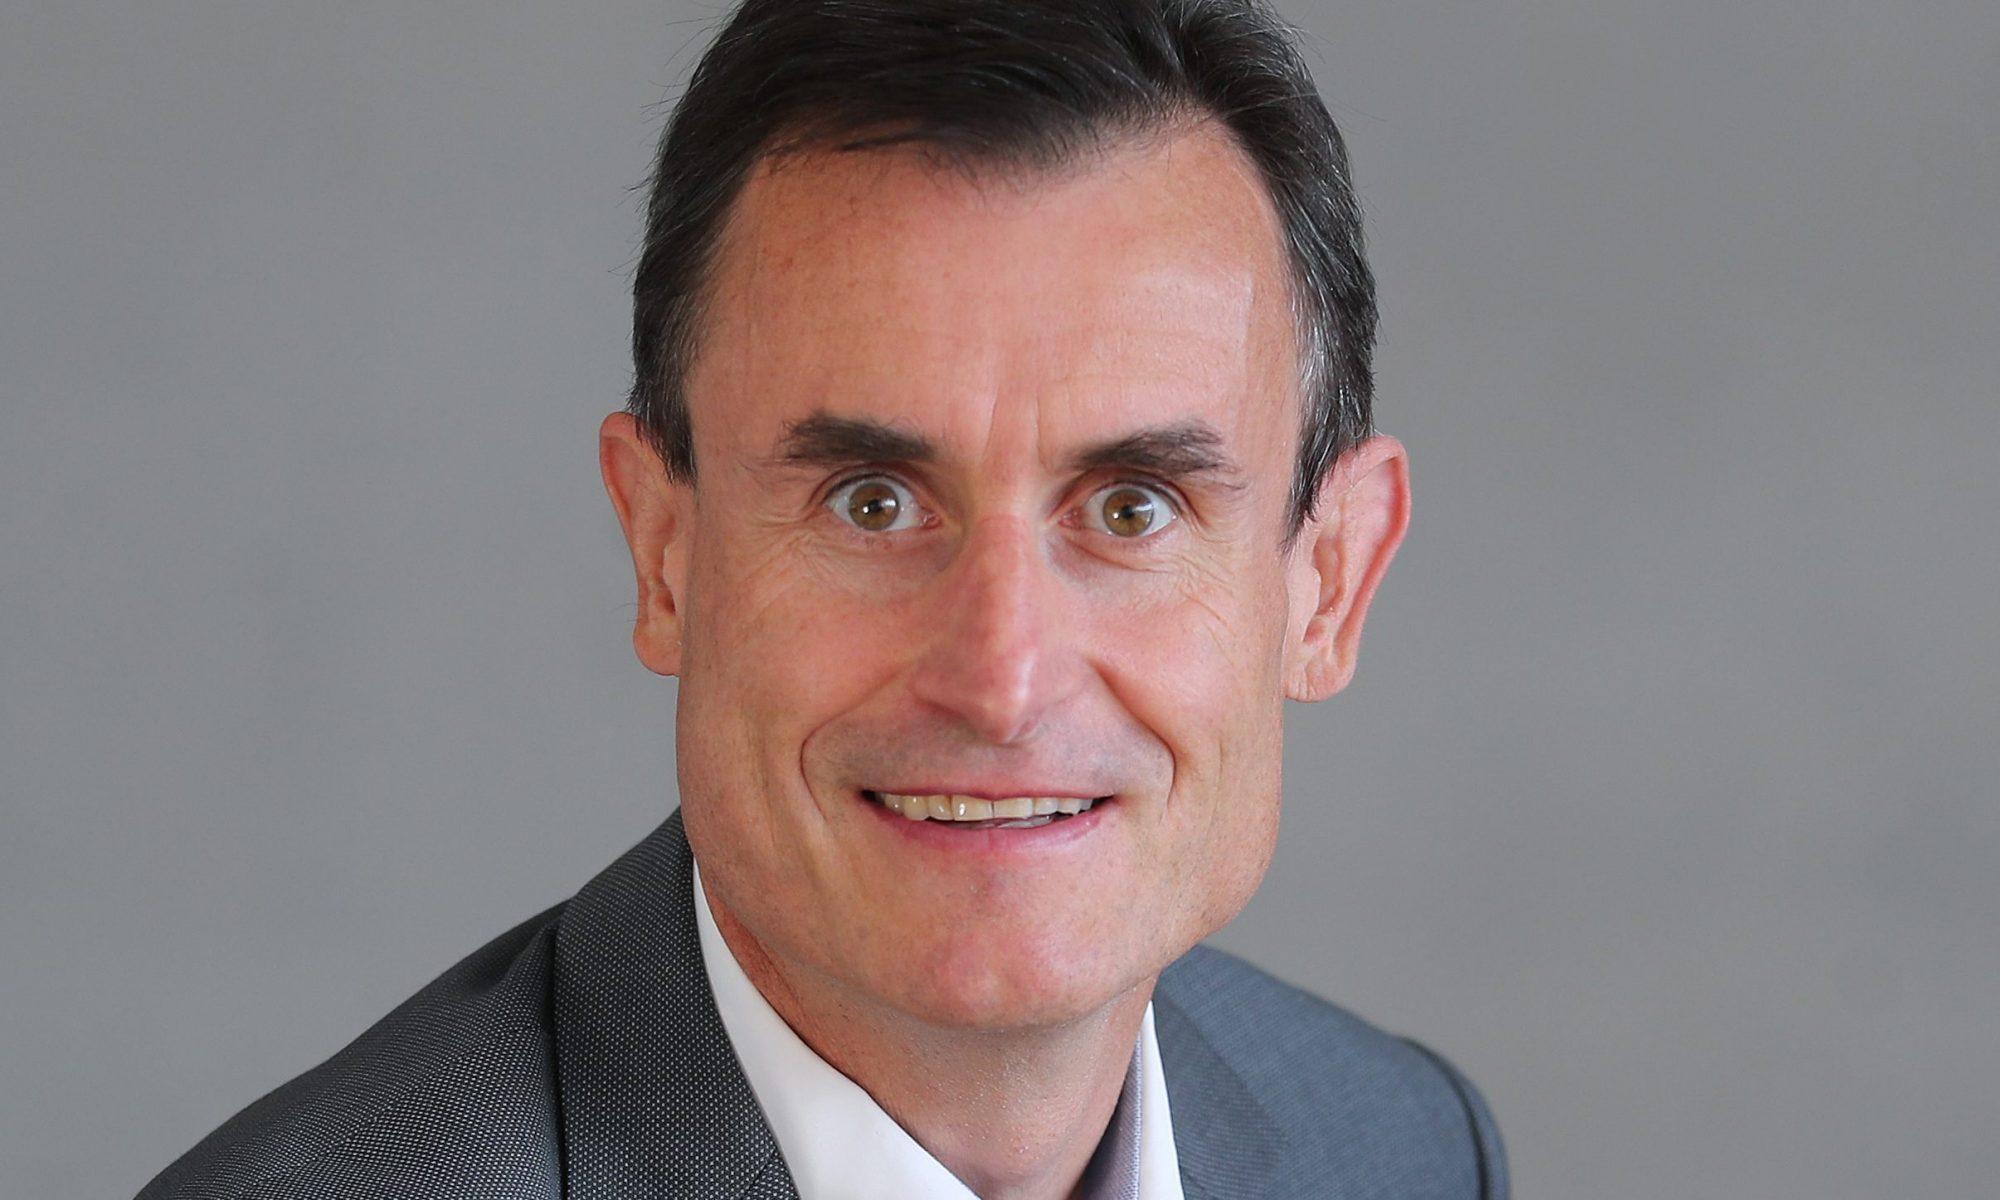 Foto von Dr. Stefan Engelhard, Leiter Institut für Wissensmanagement und Wissenstransfer IHK-IWW (Bildquelle: IHK Reutlingen)